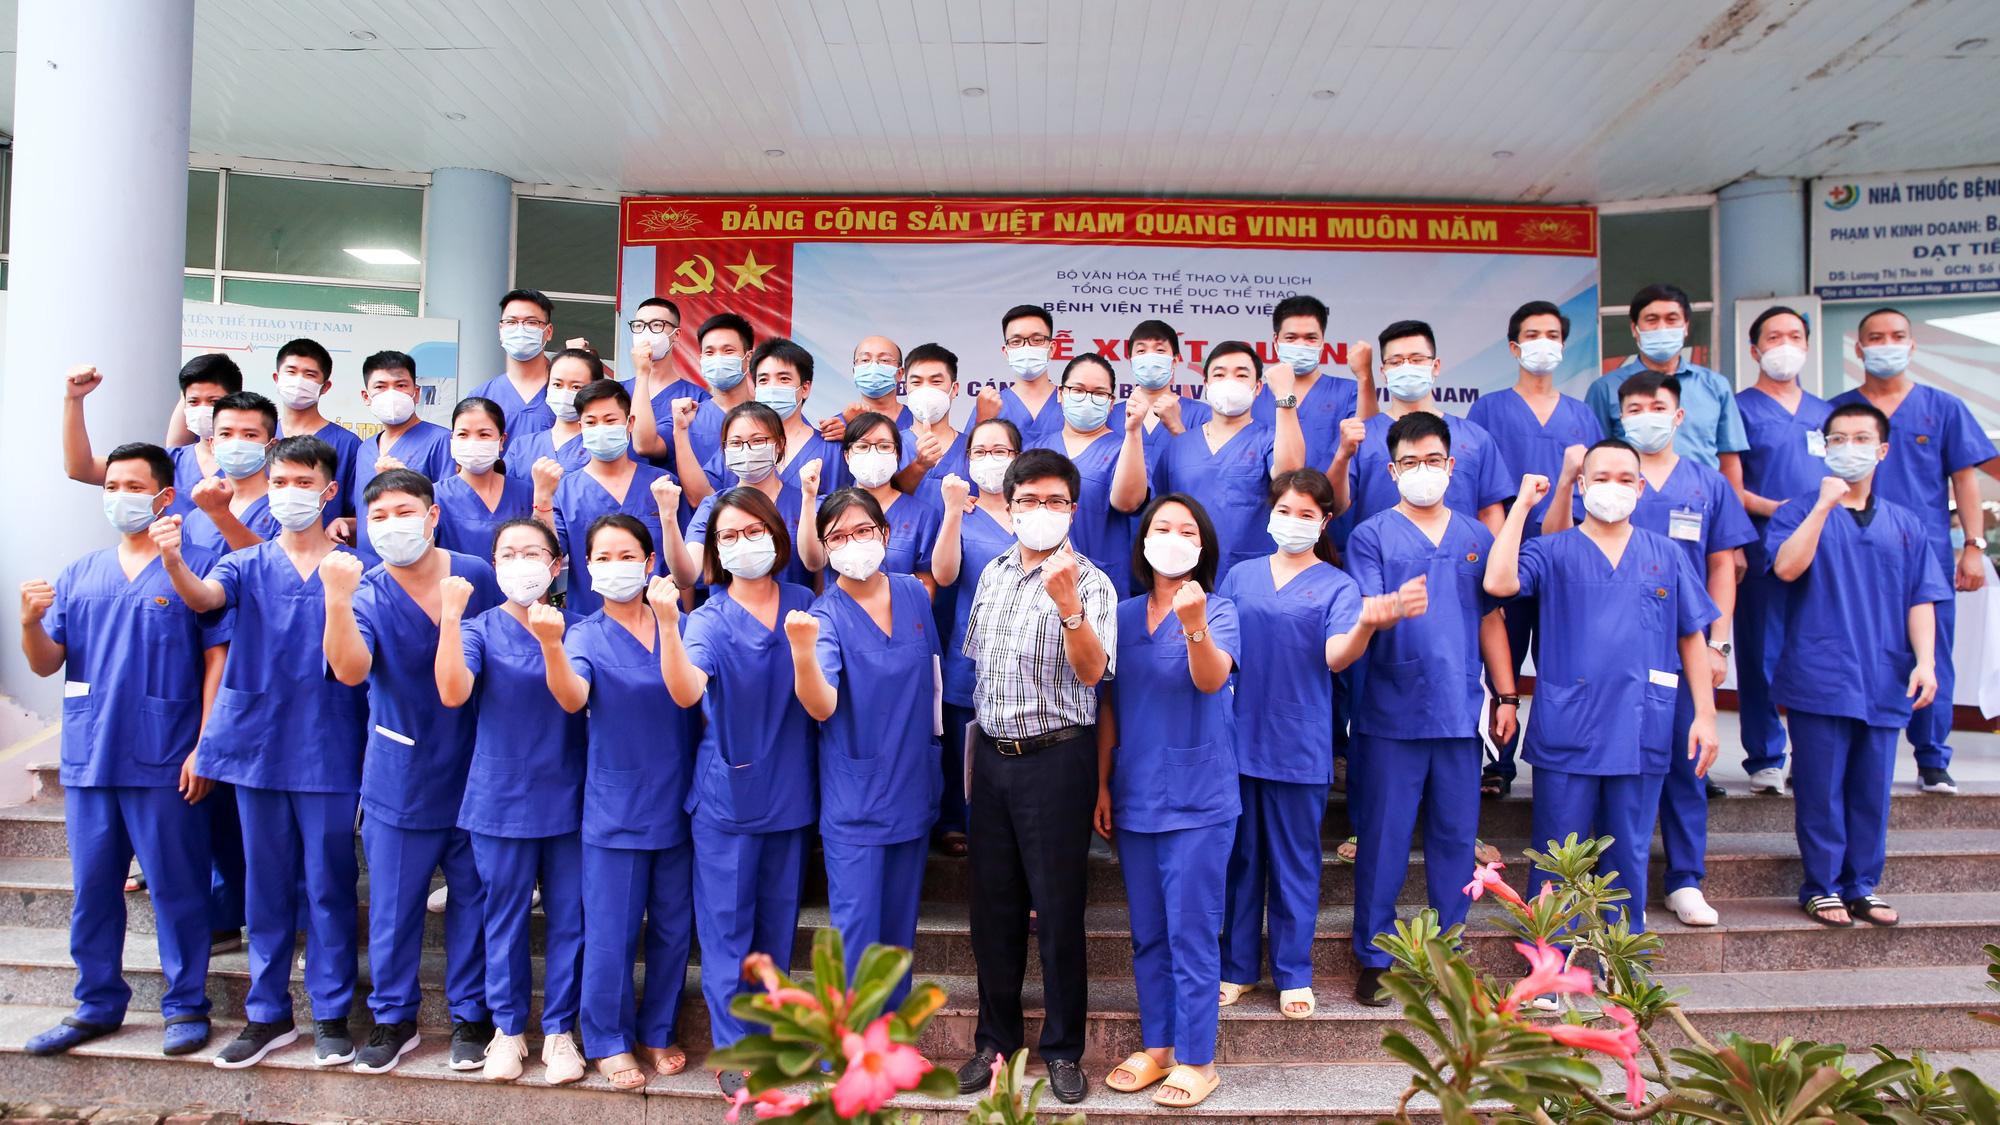 Bệnh viên Thể thao Việt Nam xuất quân tăng cường lực lượng vào miền Nam chống dịch - Ảnh 13.